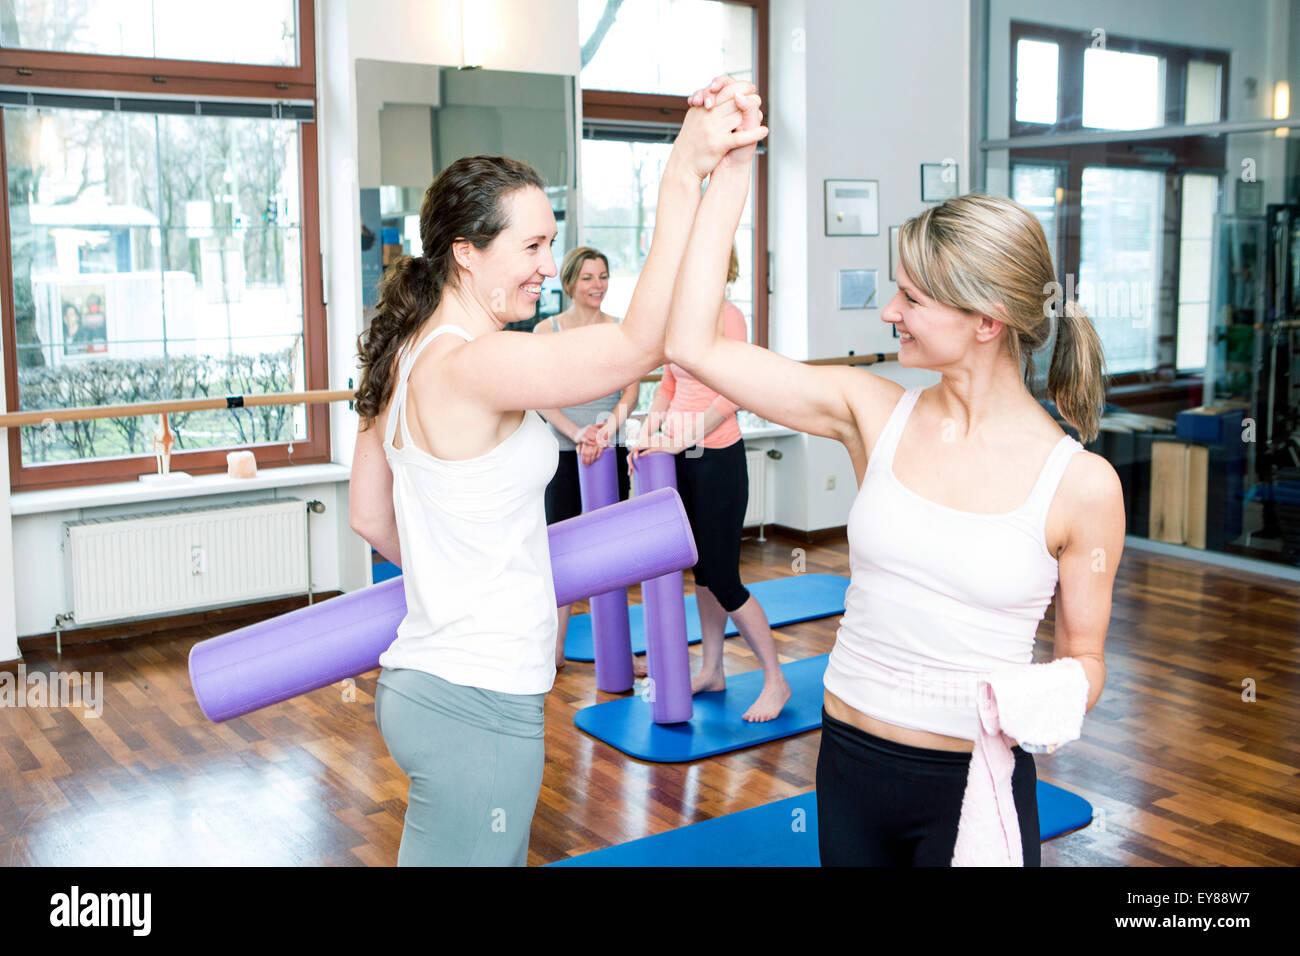 Les femmes prennent une pause sur Pilates Photo Stock